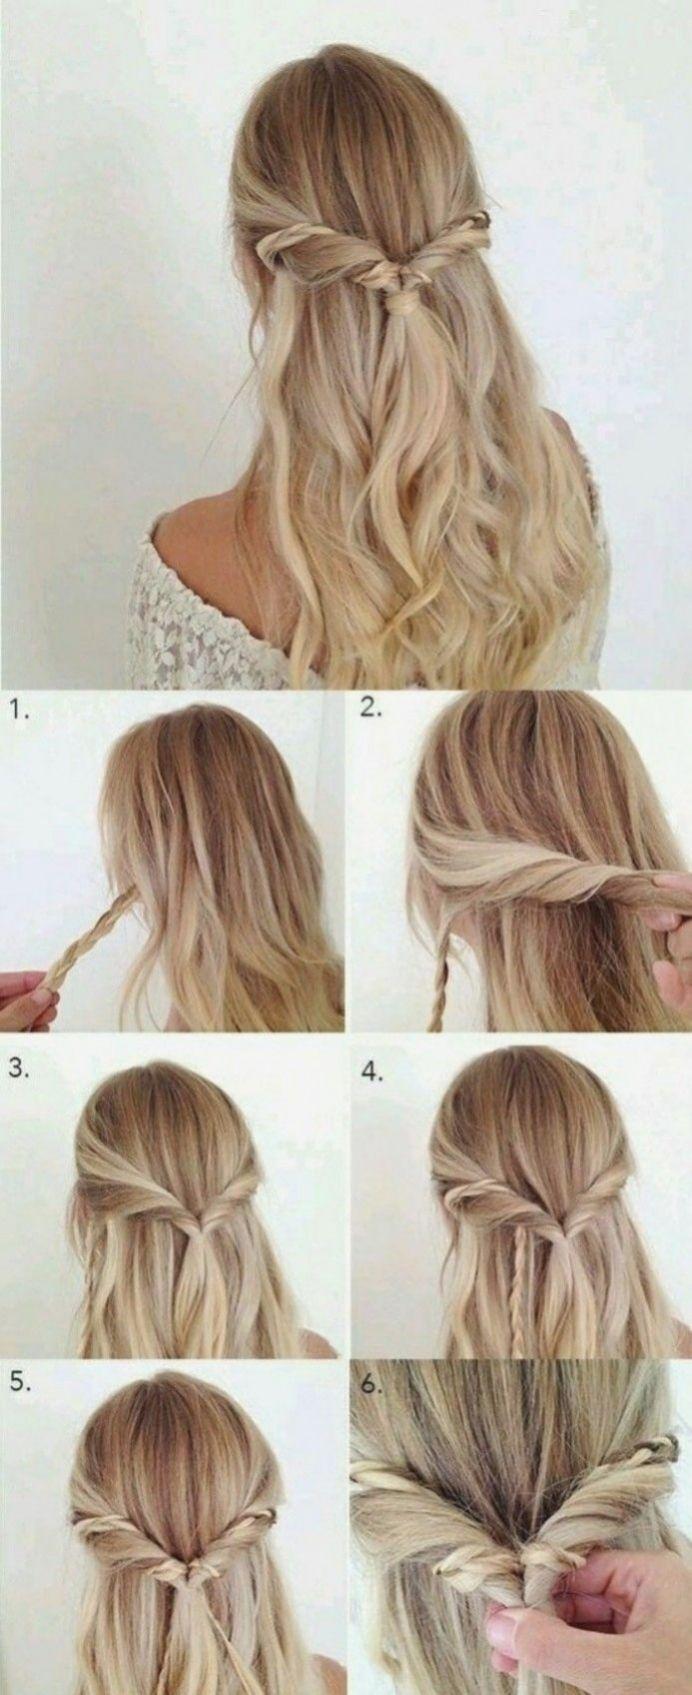 Einfache Frisuren Lange Blonde Lockige Haare Haarfrisur Selber Machen Frauen In 2020 Frisur Gast Hochzeit Frisuren Hochzeit Leichte Frisuren Lange Haare